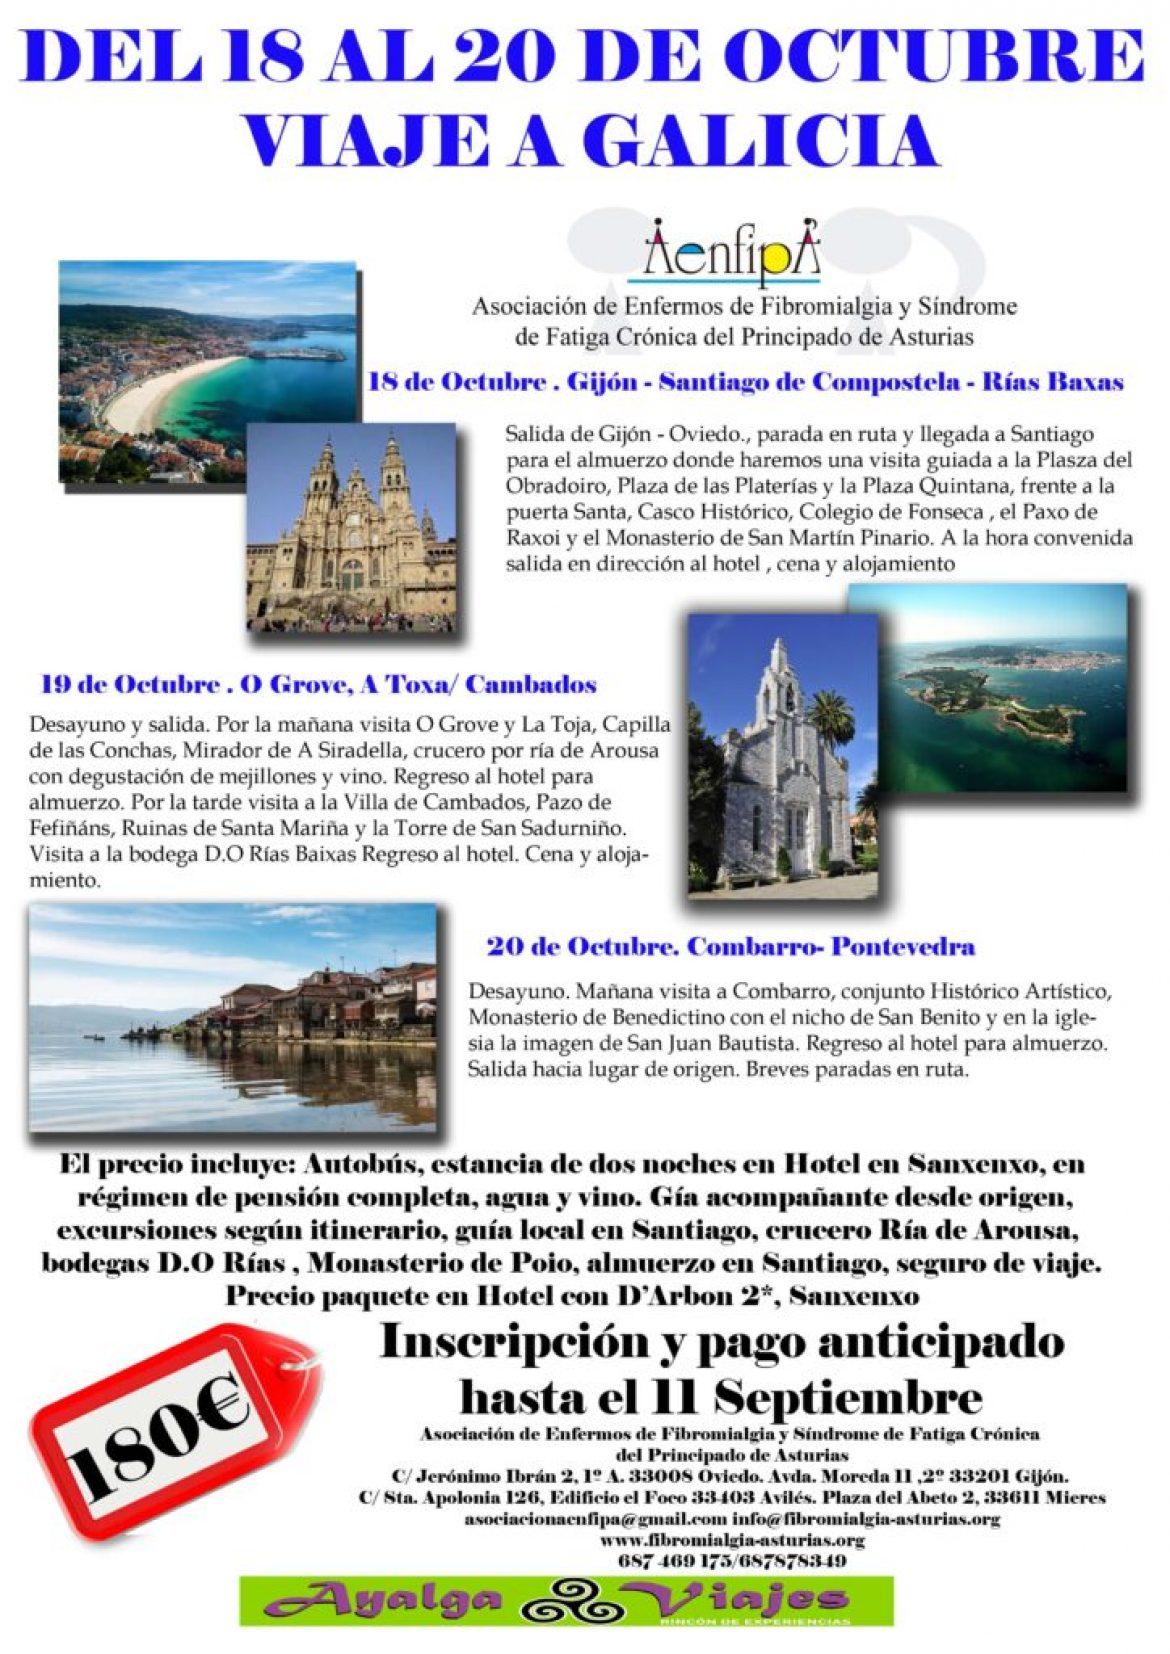 Viaje a Galicia 18, 19 y 20 de Octubre